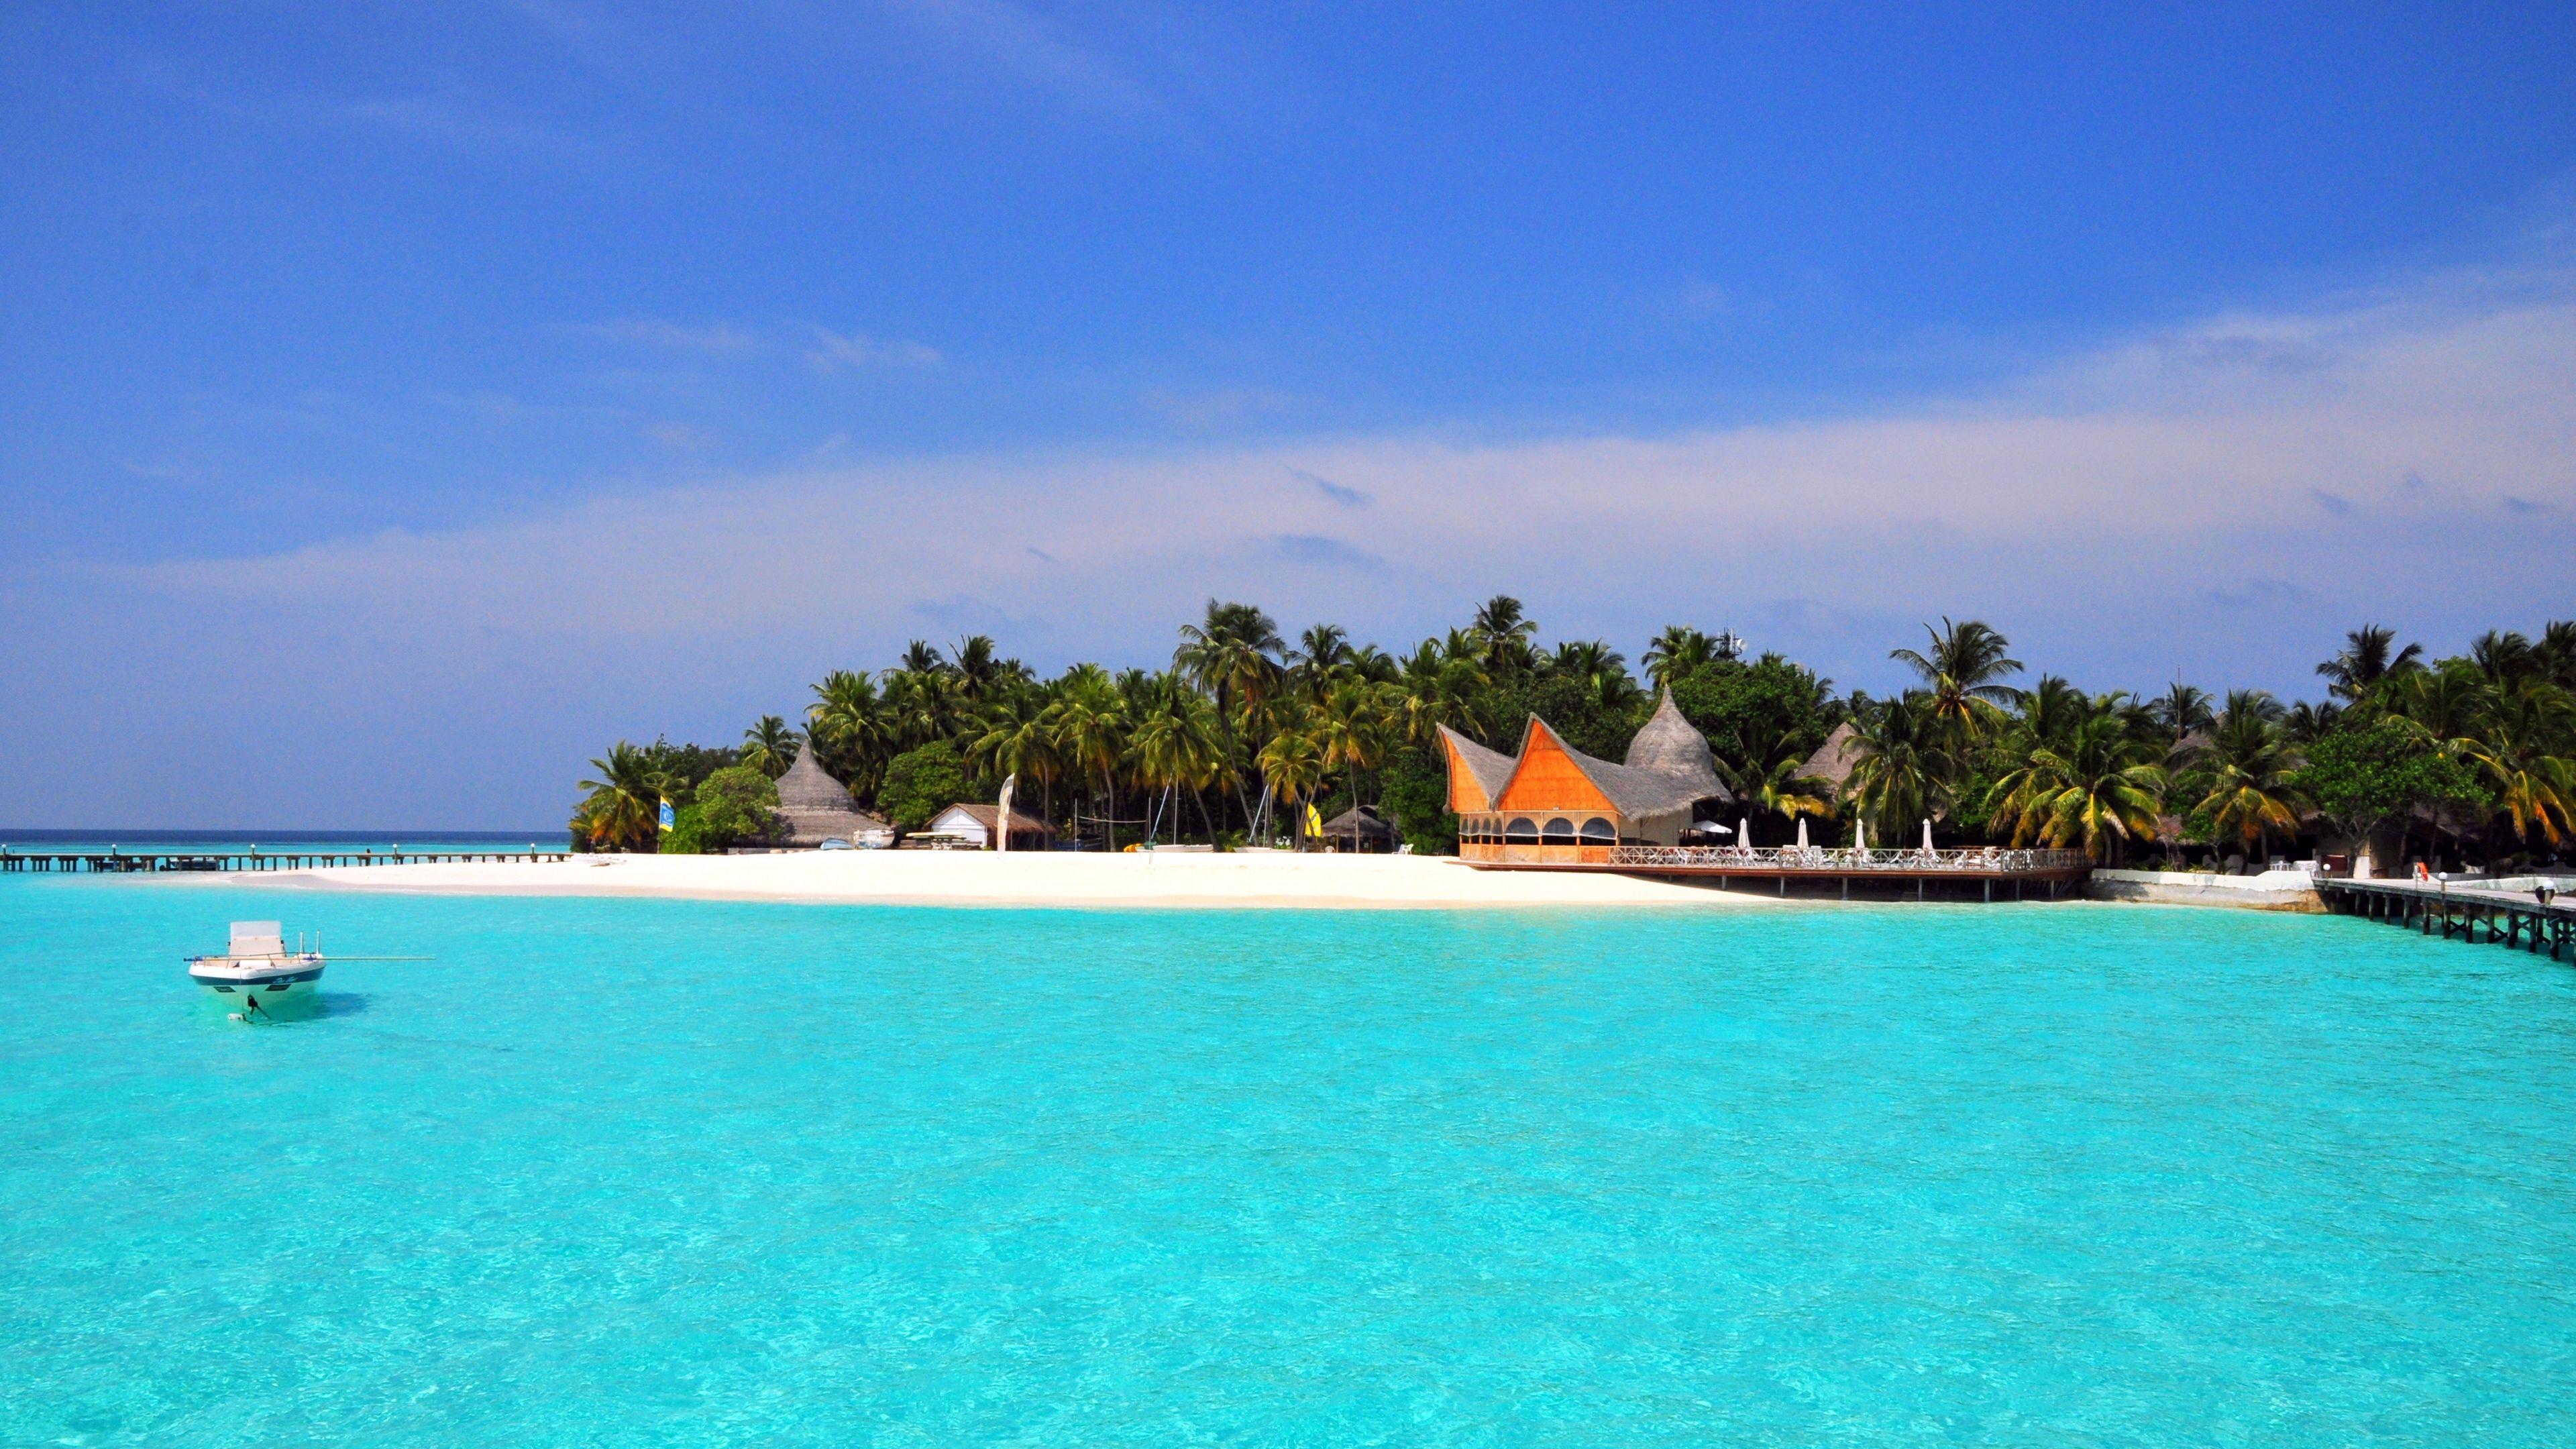 3840x2160 Wallpaper maldives, tropical, beach, island